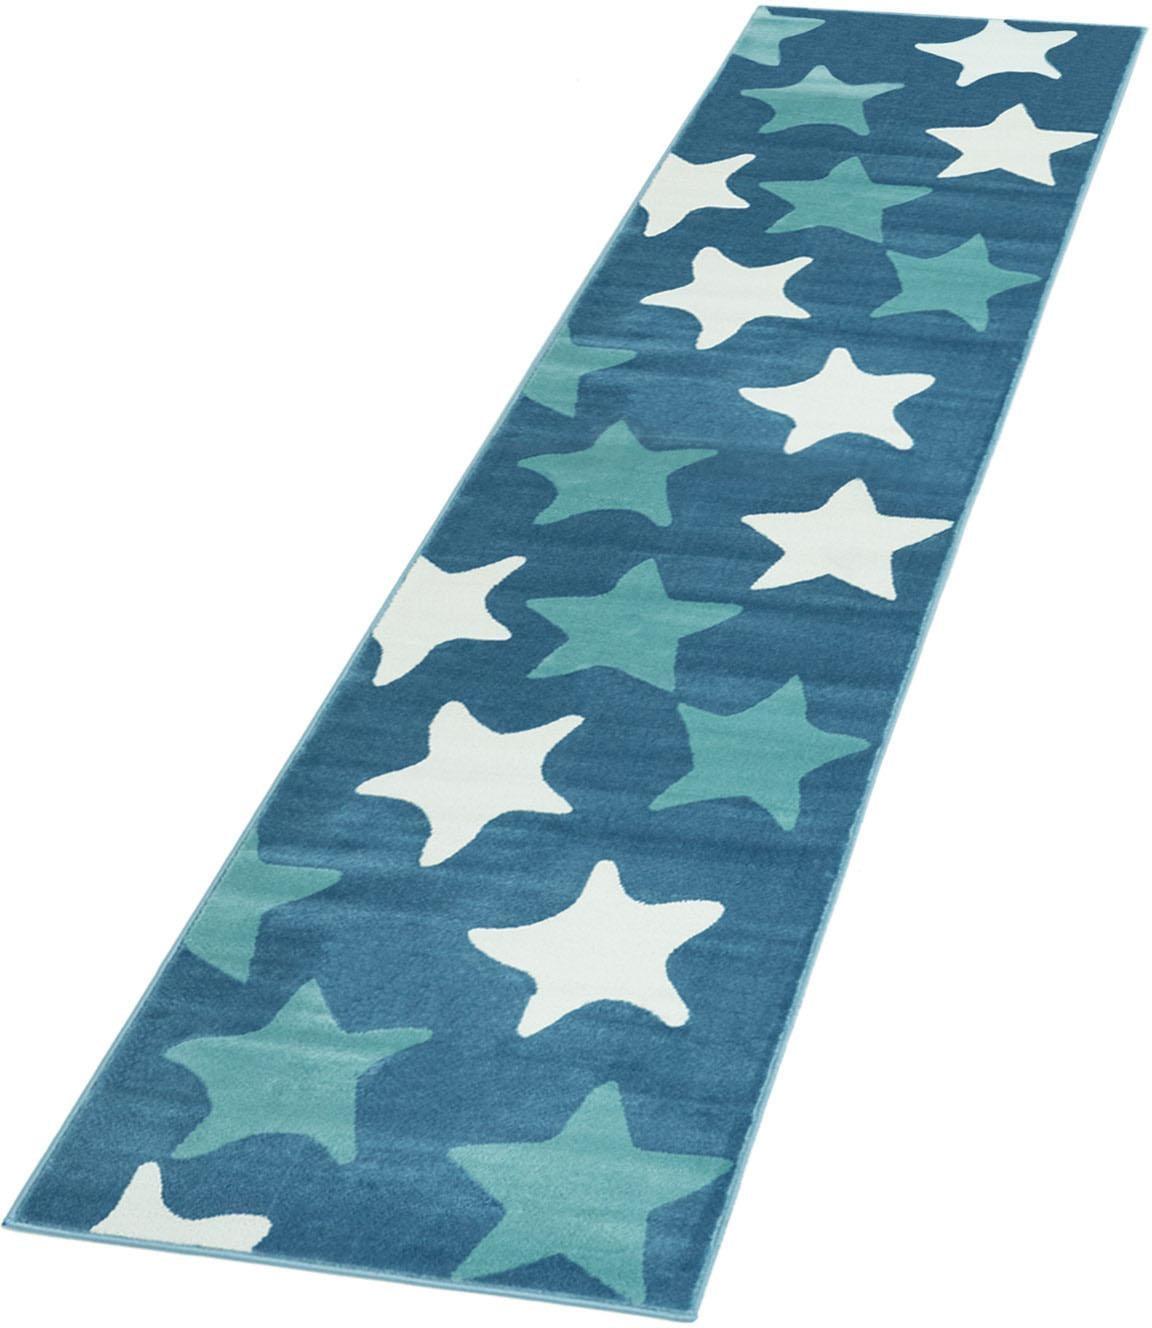 Läufer Inspiration 5813 Carpet City rechteckig Höhe 11 mm maschinell gewebt